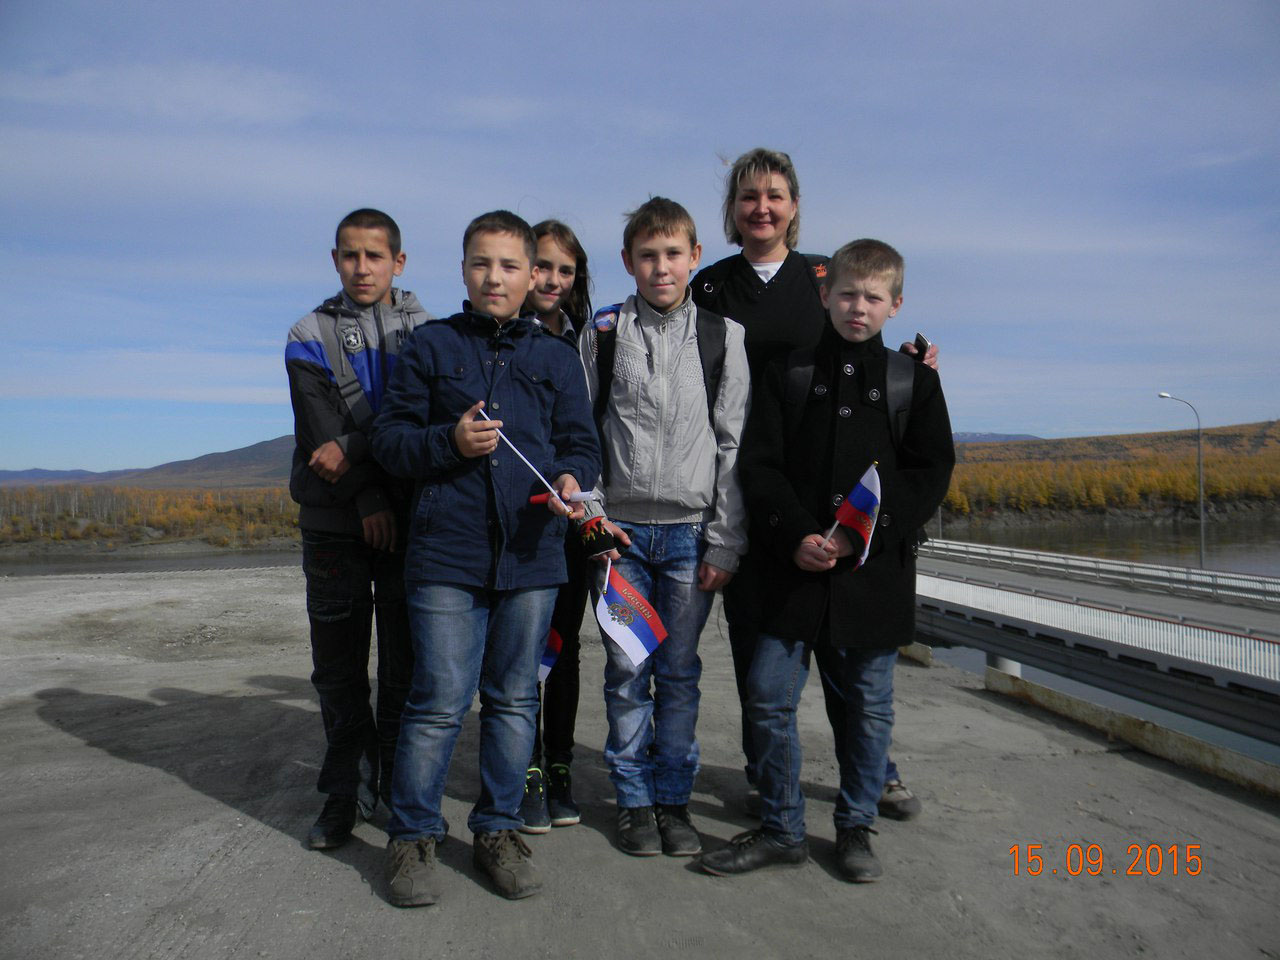 С шестиклассниками дебинской школы. Ребятишки порадовали отличным знанием истории поселка и моста)